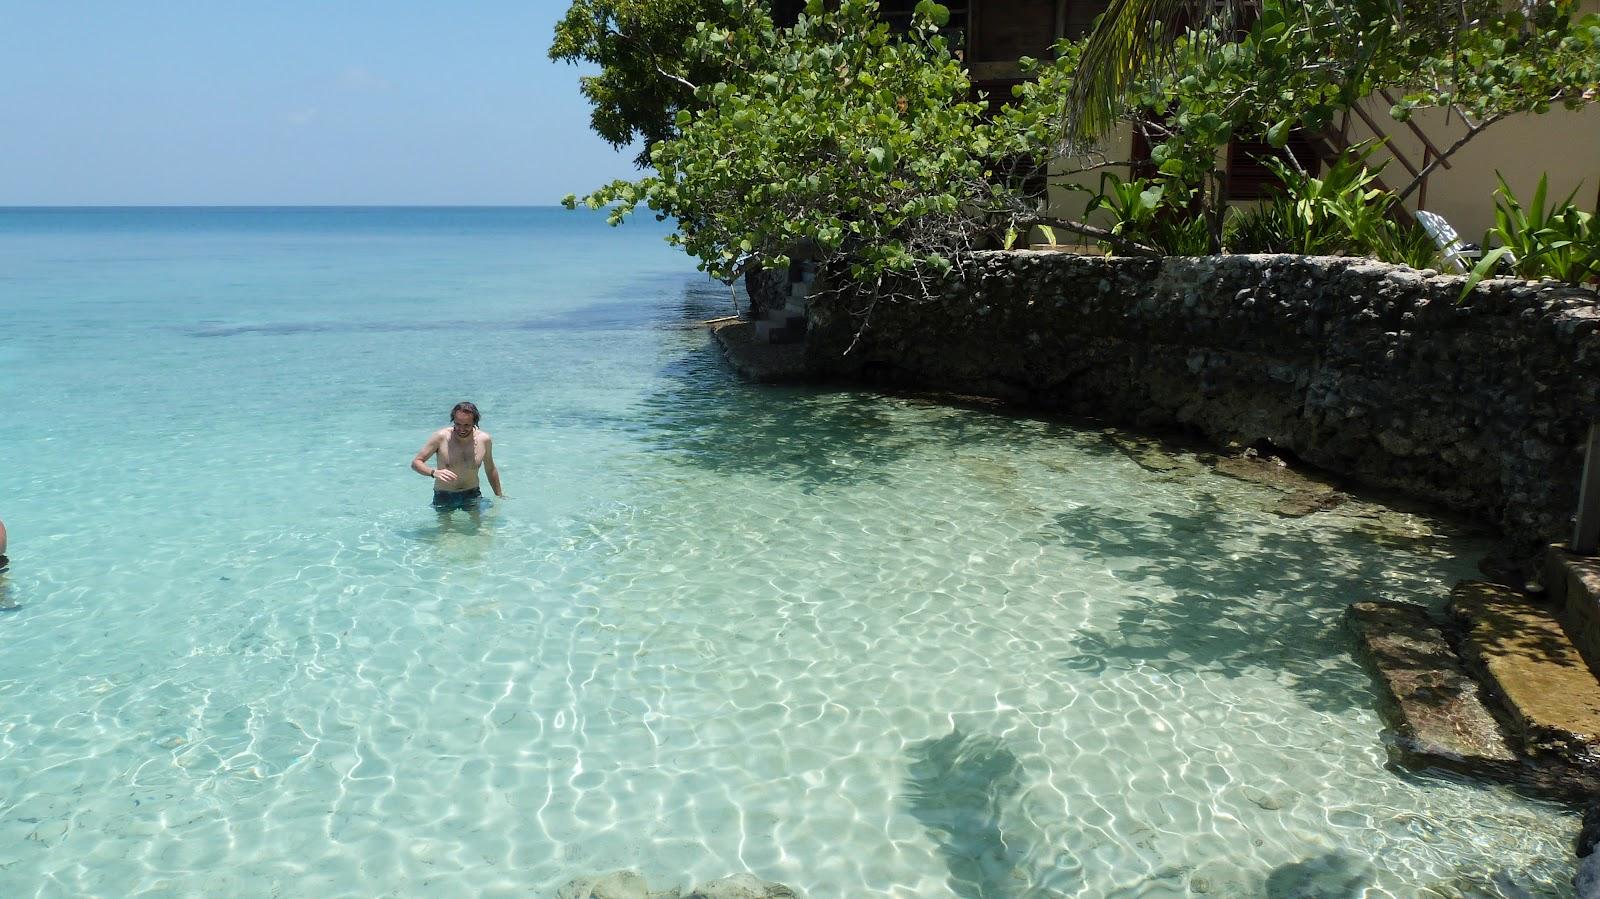 Une journee de repos a la plage - 1 part 3